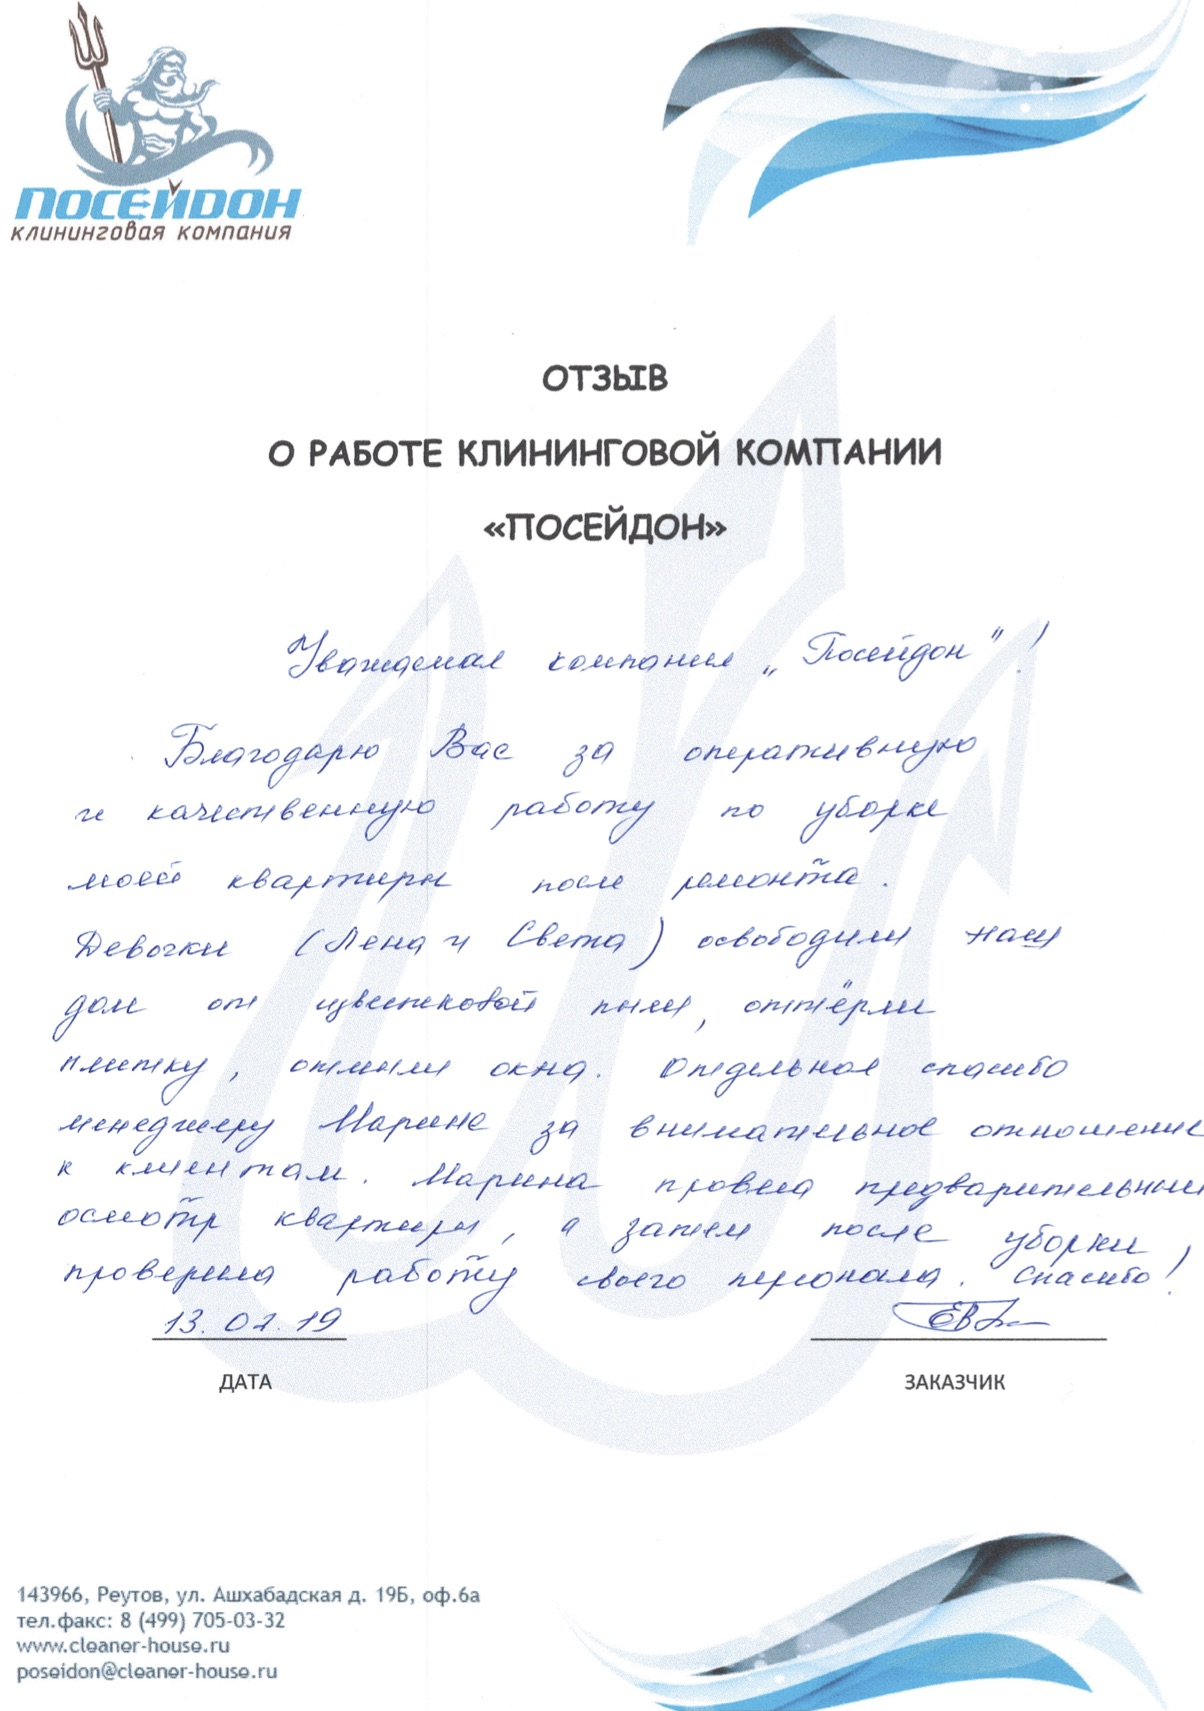 Клининговая компания и отзыв об уборке №308307